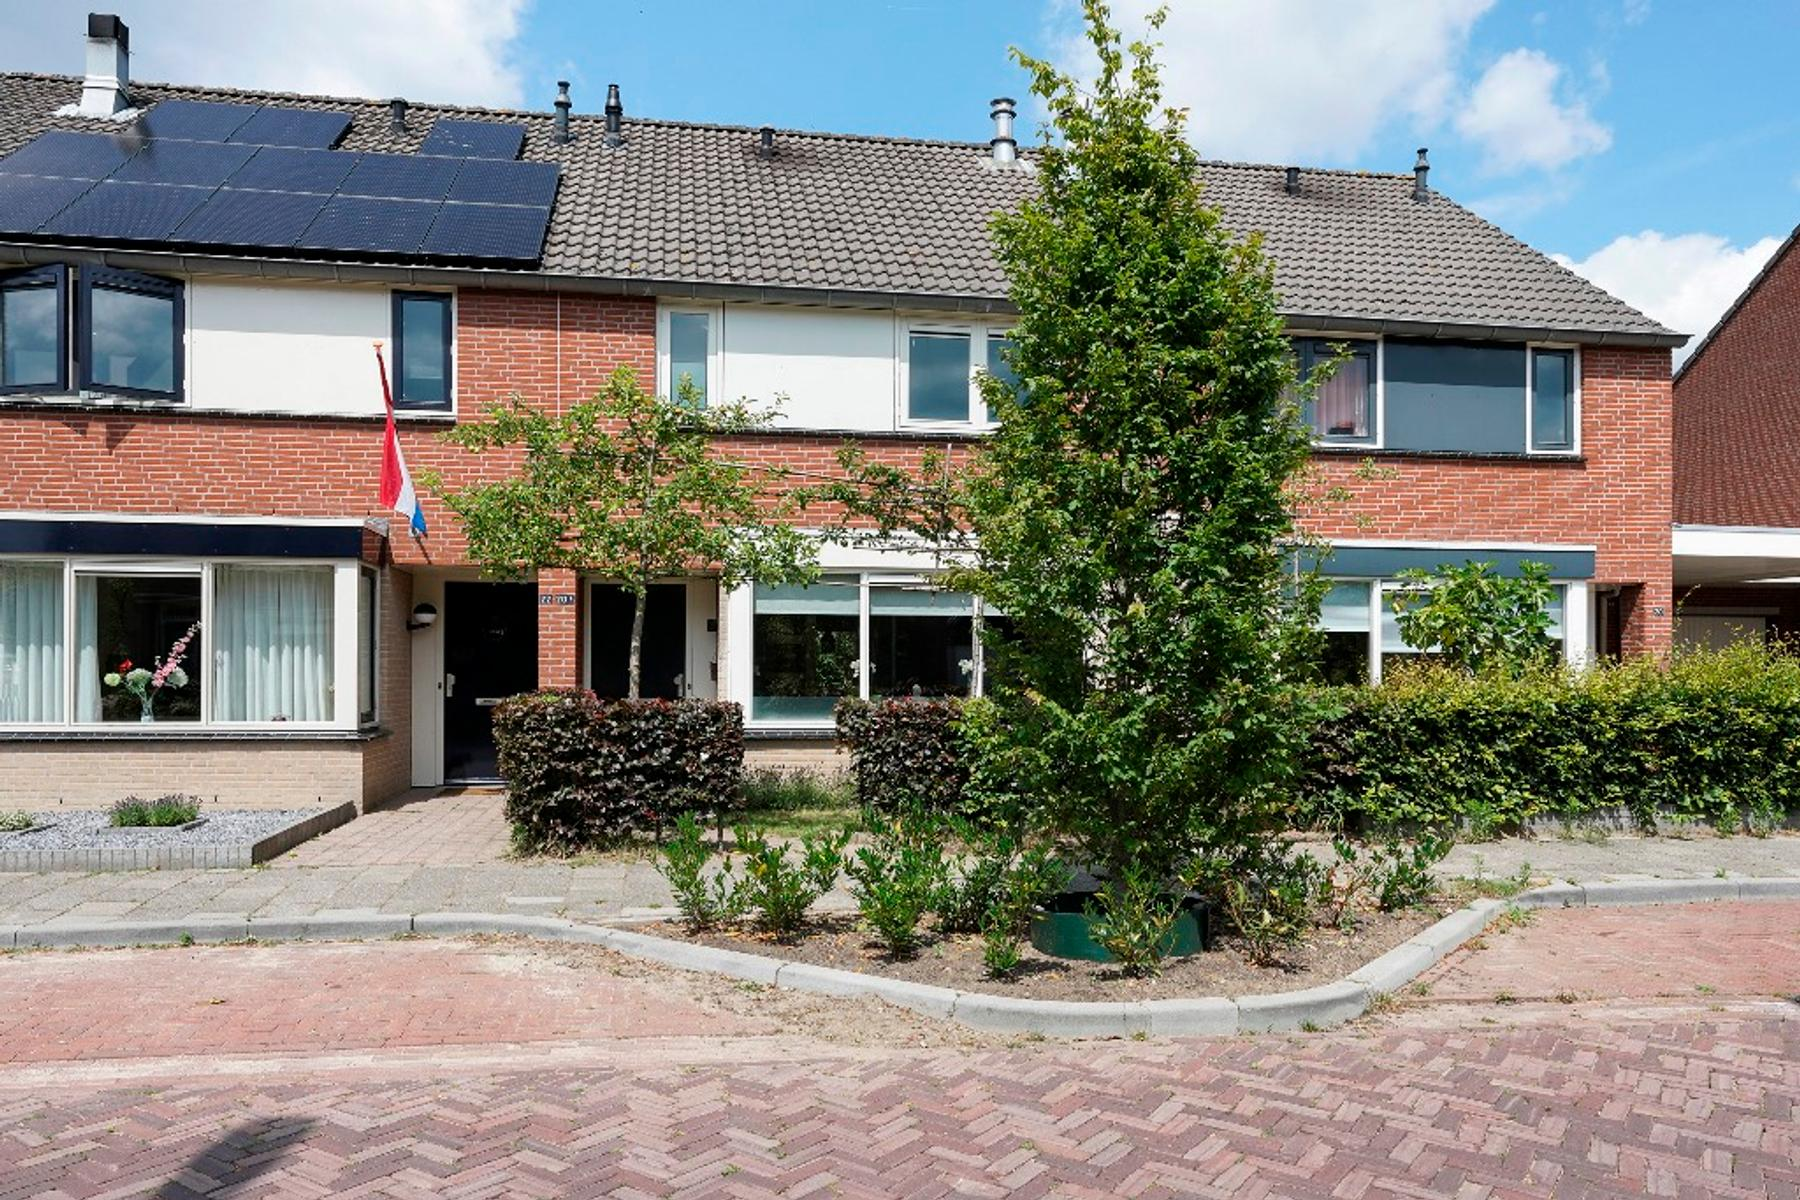 Beukendreef 20 A in Oisterwijk 5061 AD